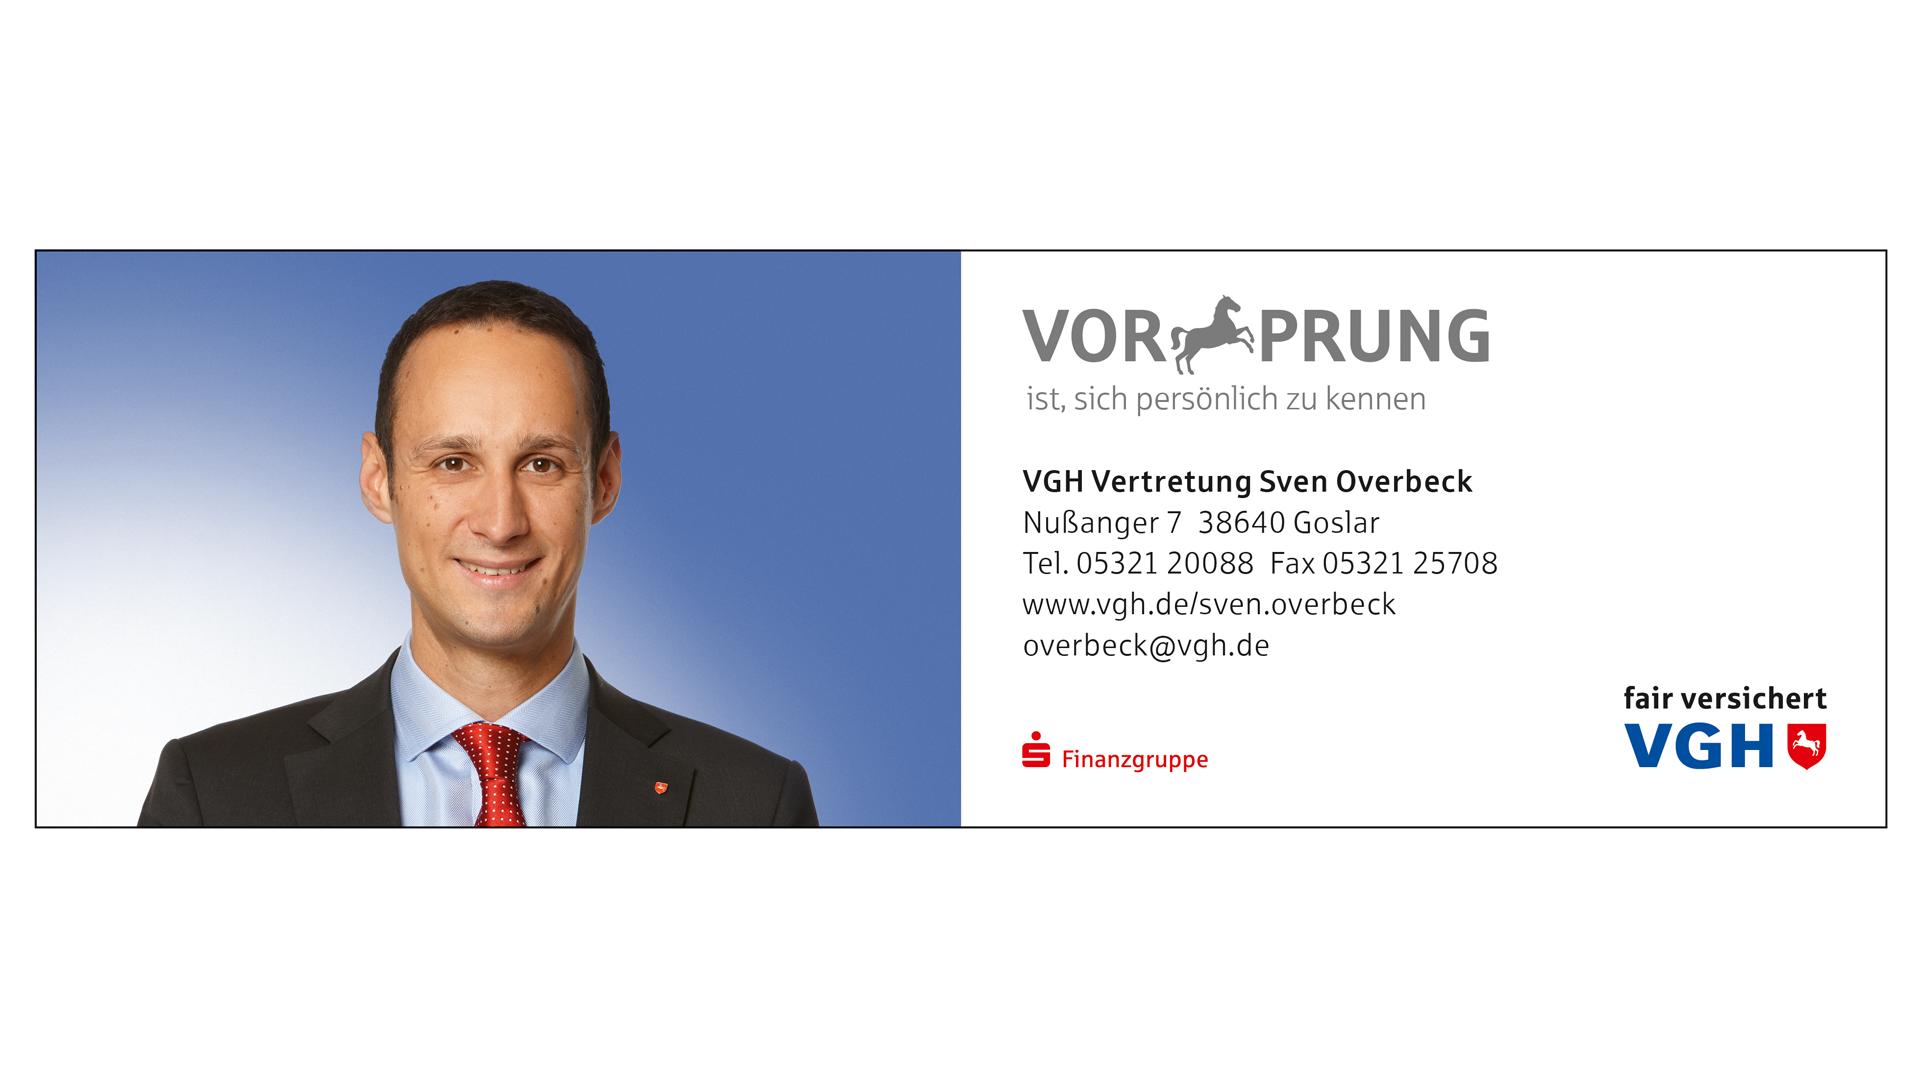 VGH Versicherung Overbeck